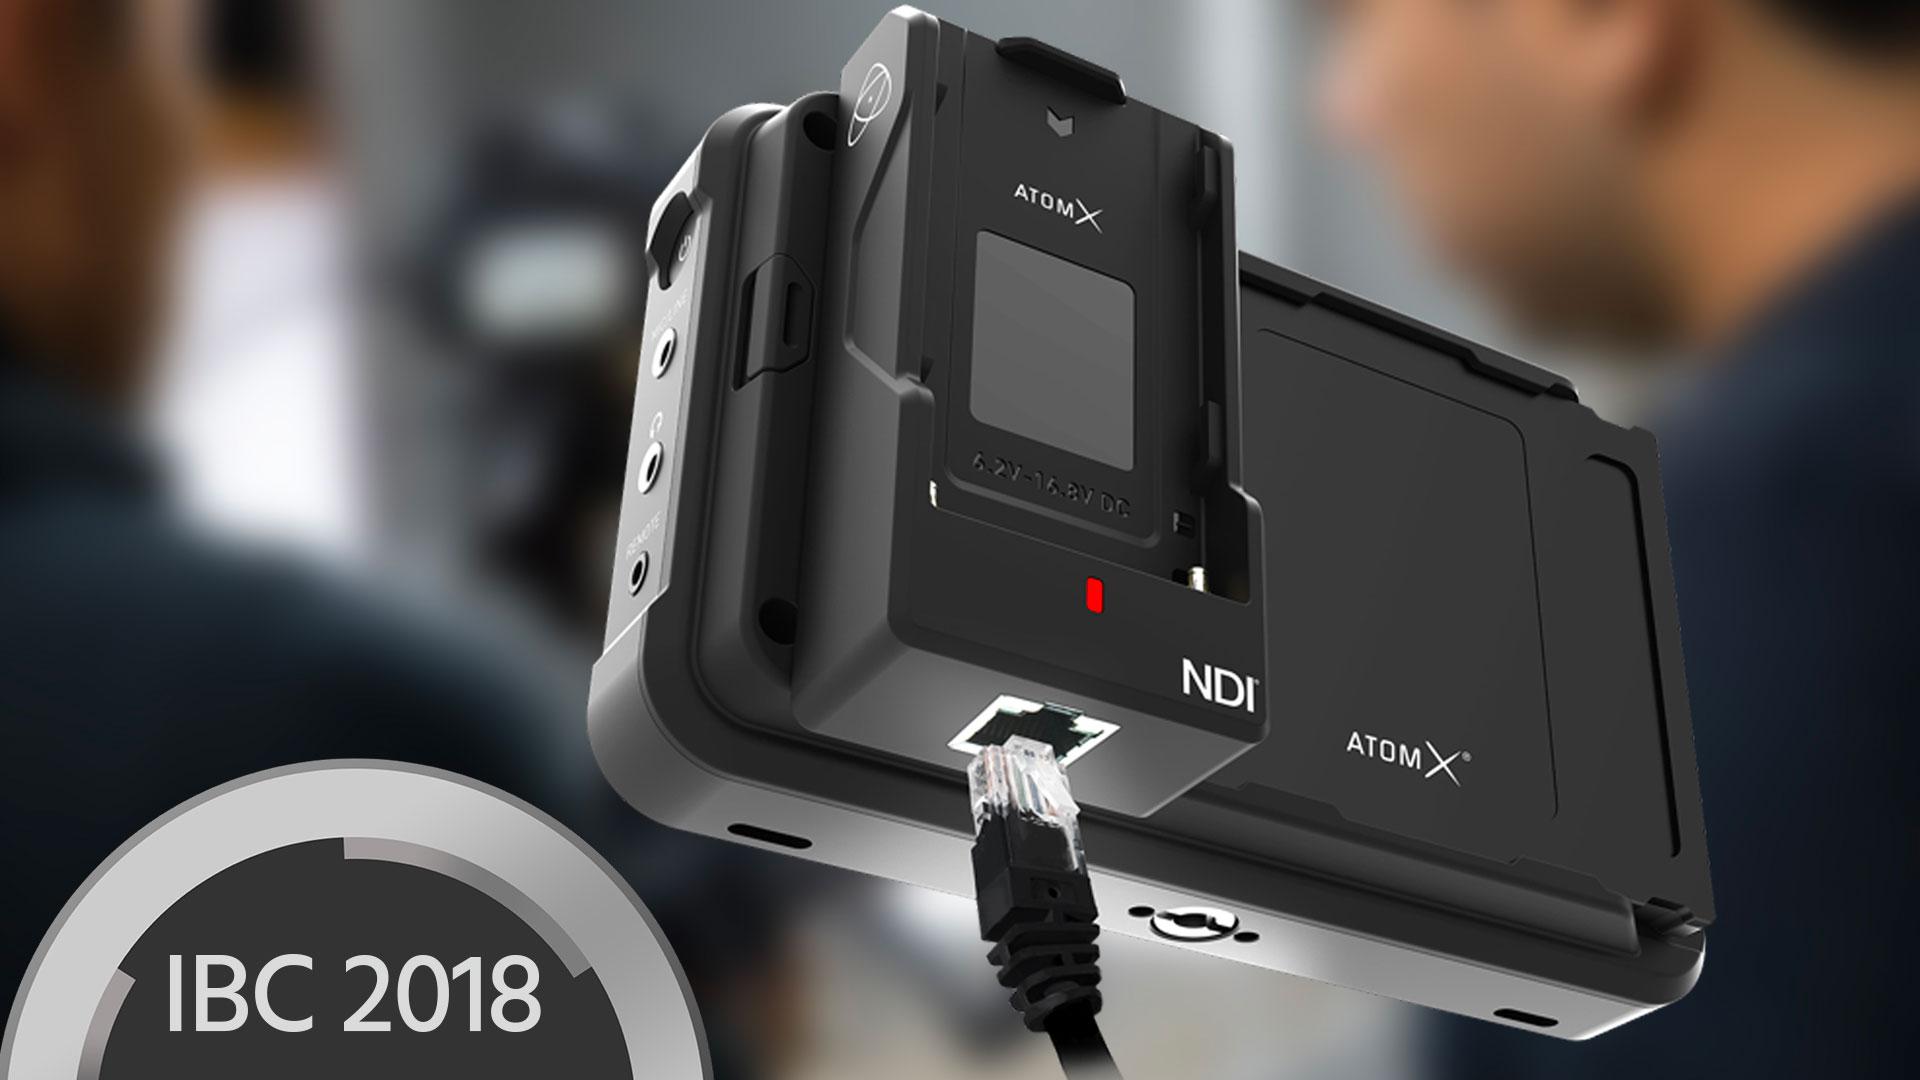 AtomosがNinja VとAtomX外付けモジュールを発表 - NDIとワイヤレス機能をサポート